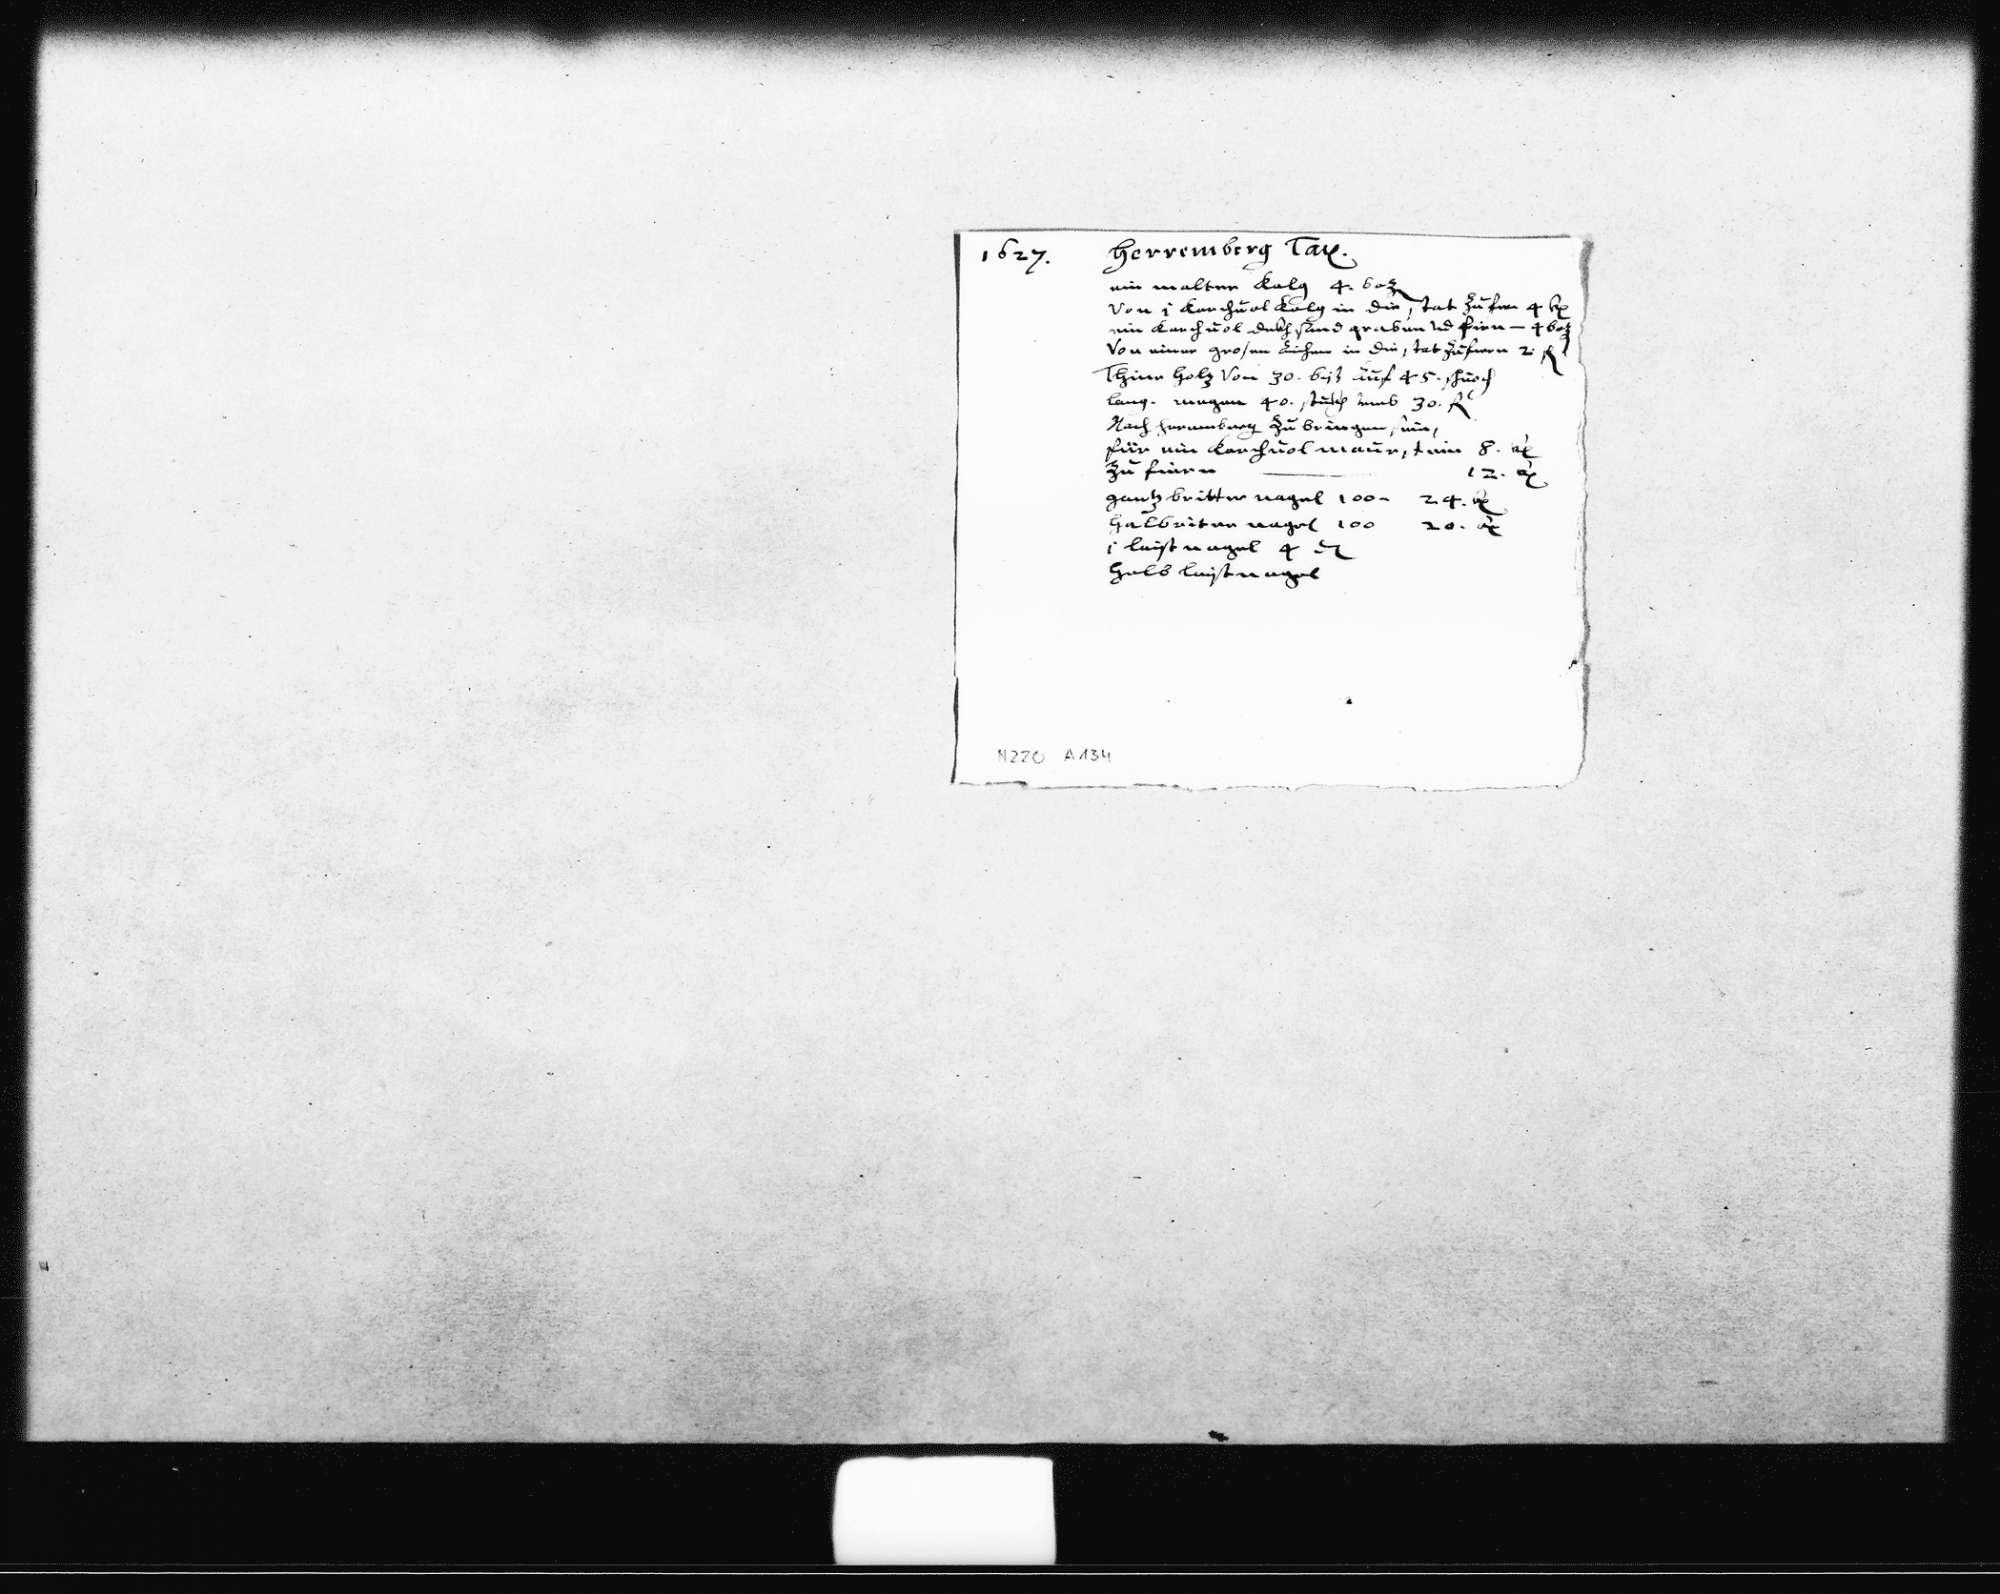 """Aufstellung der Material- und Transportkosten (""""Tax"""") für Herrenberg (Quart), Bild 1"""